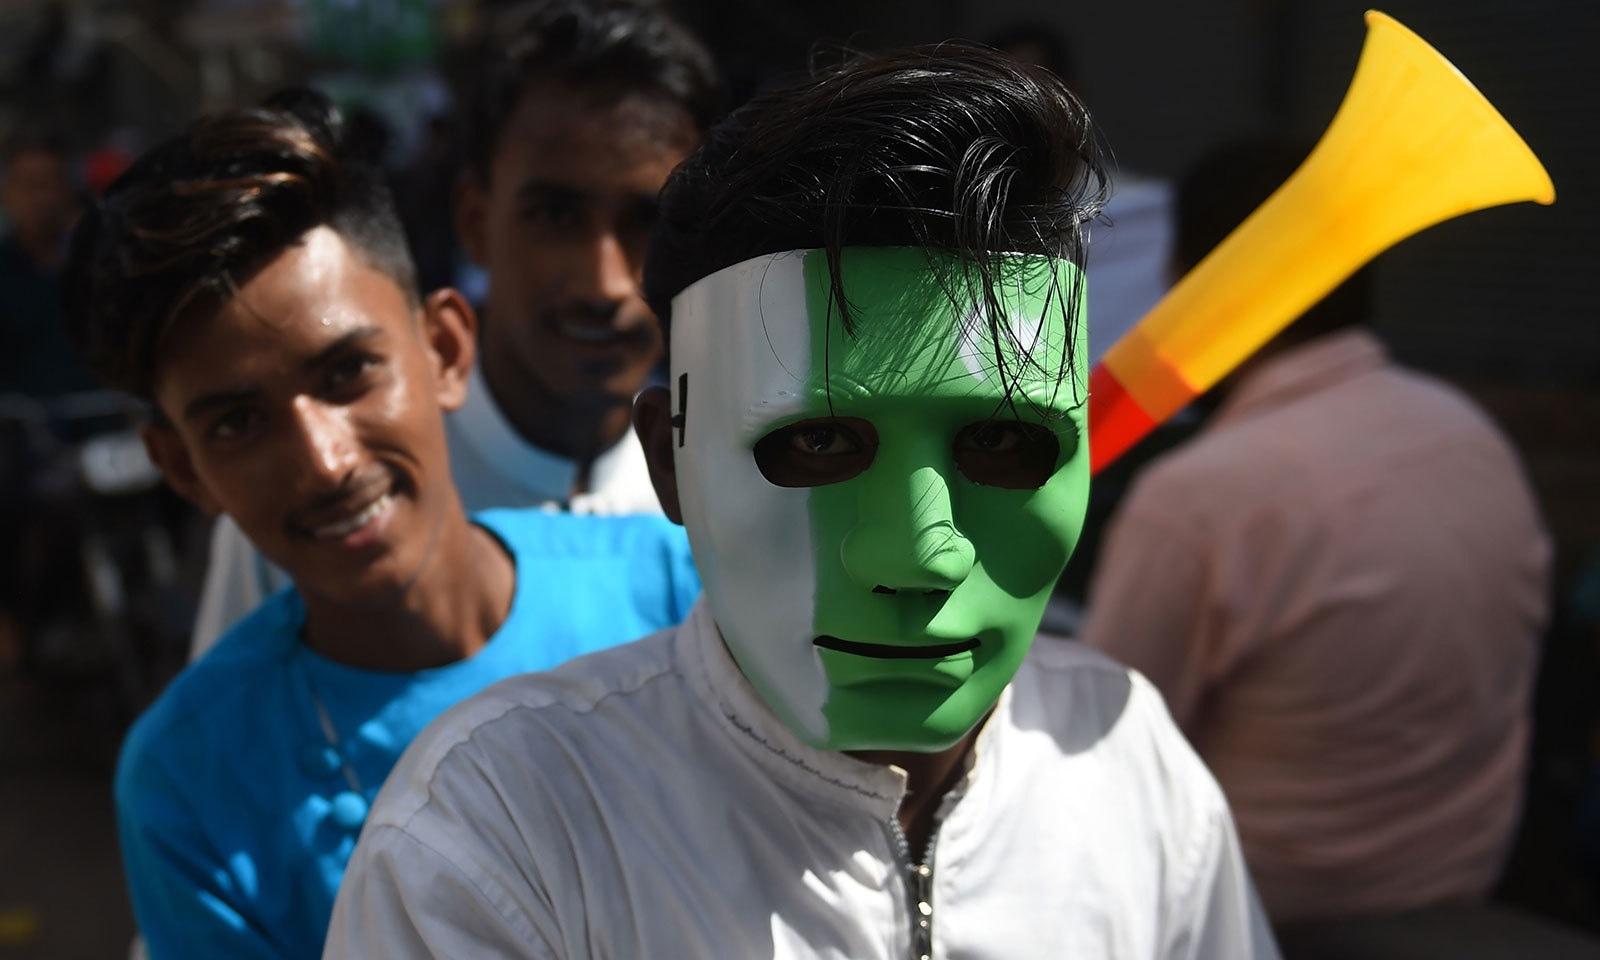 کراچی میں نوجوان یوم آزادی کو مختلف انداز میں منانے کی تیاریوں میں مصروف ہیں—فوٹو:اے ایف پی